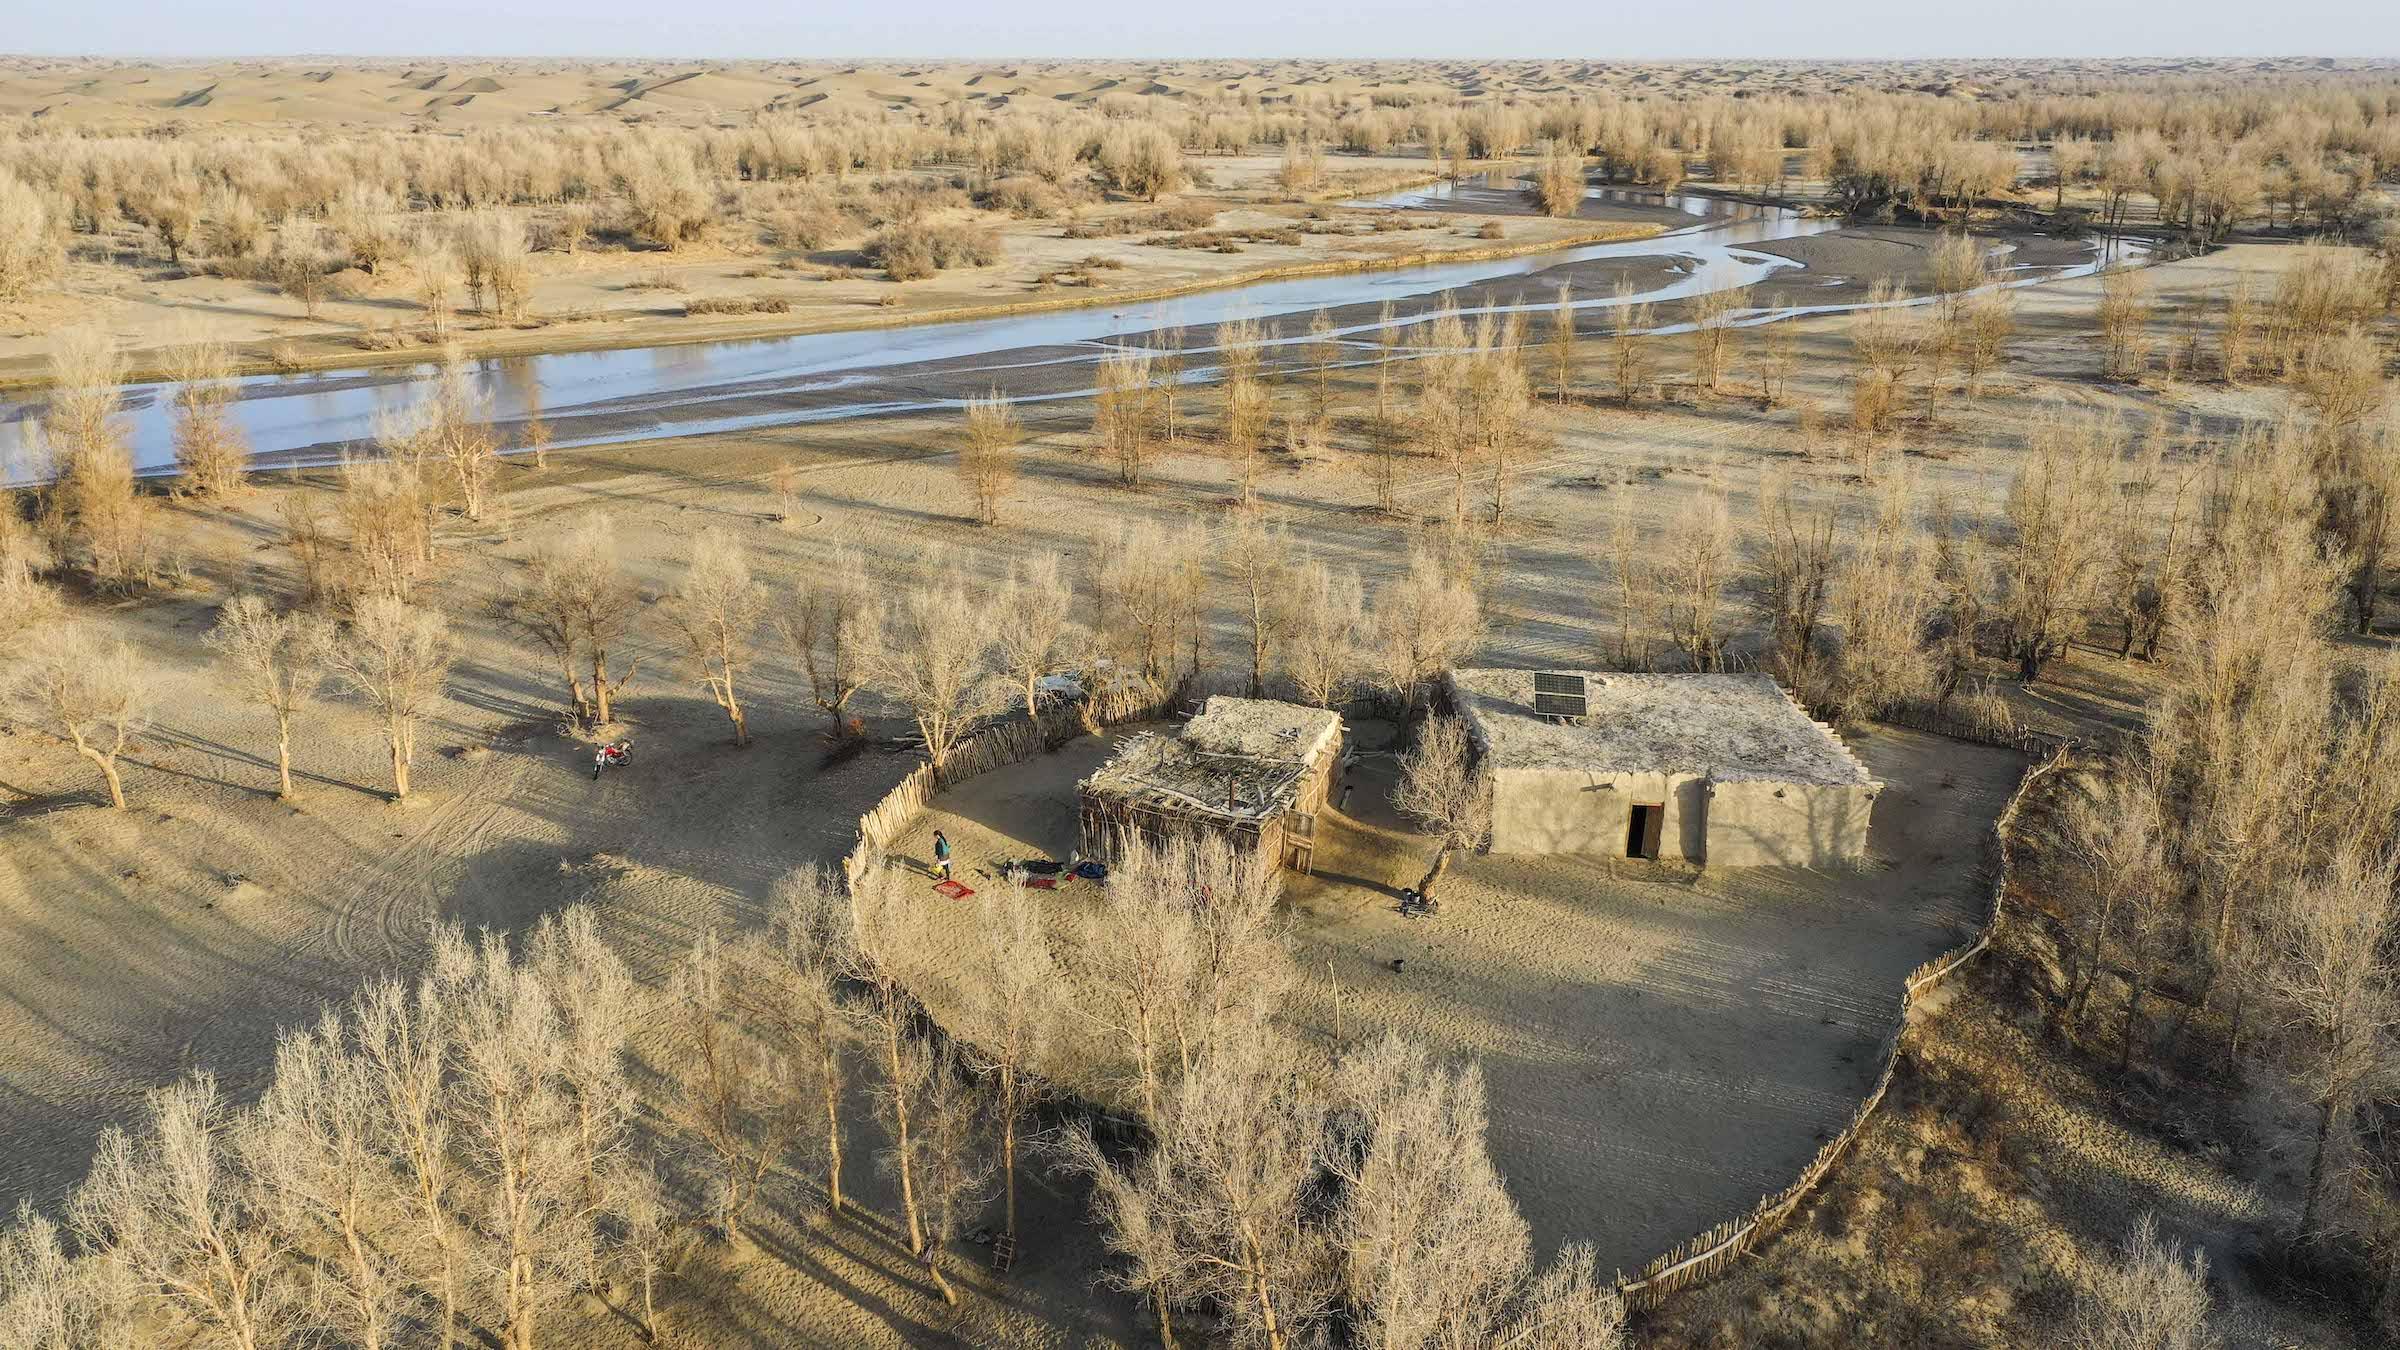 Dali Yabuyi nghĩa là ngôi làng bên dòng sông lớn Keriya - con sông chảy từ nam đến bắc xuyên qua những đụn cát bất tận. Tài liệu cổ ghi chép rằng, người đầu tiên khám phá ra ngôi làng là nhà thám hiểm người Thụy Điển Sven Anders Hedin trong một chuyến đi vào thế kỉ 19. Tuy nhiên, ông không công bố phát hiện của mình với thế giới mà chỉ ghi vào cuốn bút ký. Vào những năm 50, 60 của thế kỉ 19, giới chức Trung Quốc tìm lại ngôi làng và đặt tên là Dali Yabuyi. Nhưng theo thời gian, nơi này bị lãng quên do quá xa xôi cách trở.